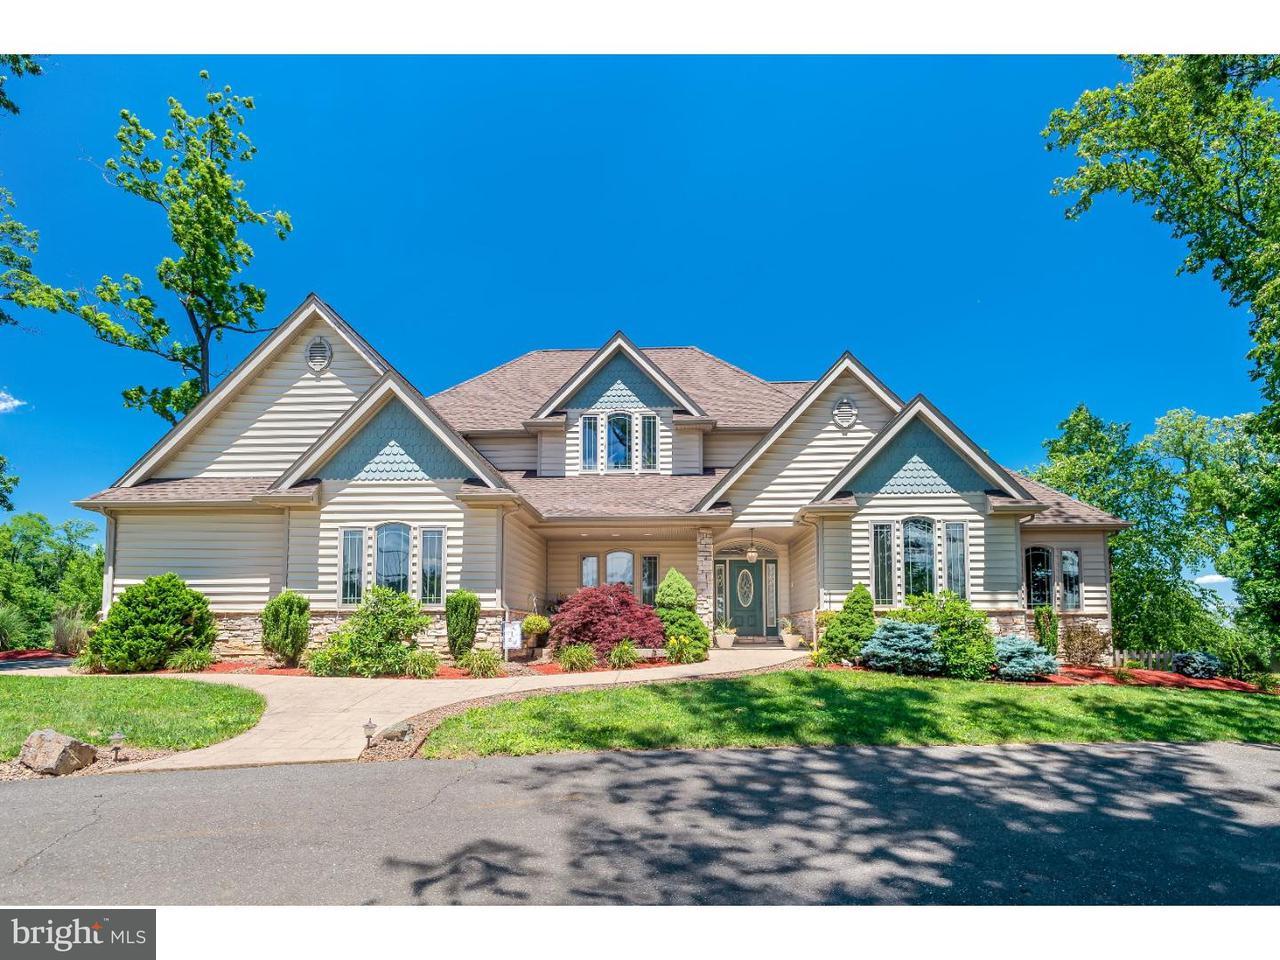 一戸建て のために 売買 アット 122 ARNEYTOWN HORNERSTOWN Road Allentown, ニュージャージー 08501 アメリカ合衆国で/アラウンド: Upper Freehold Township